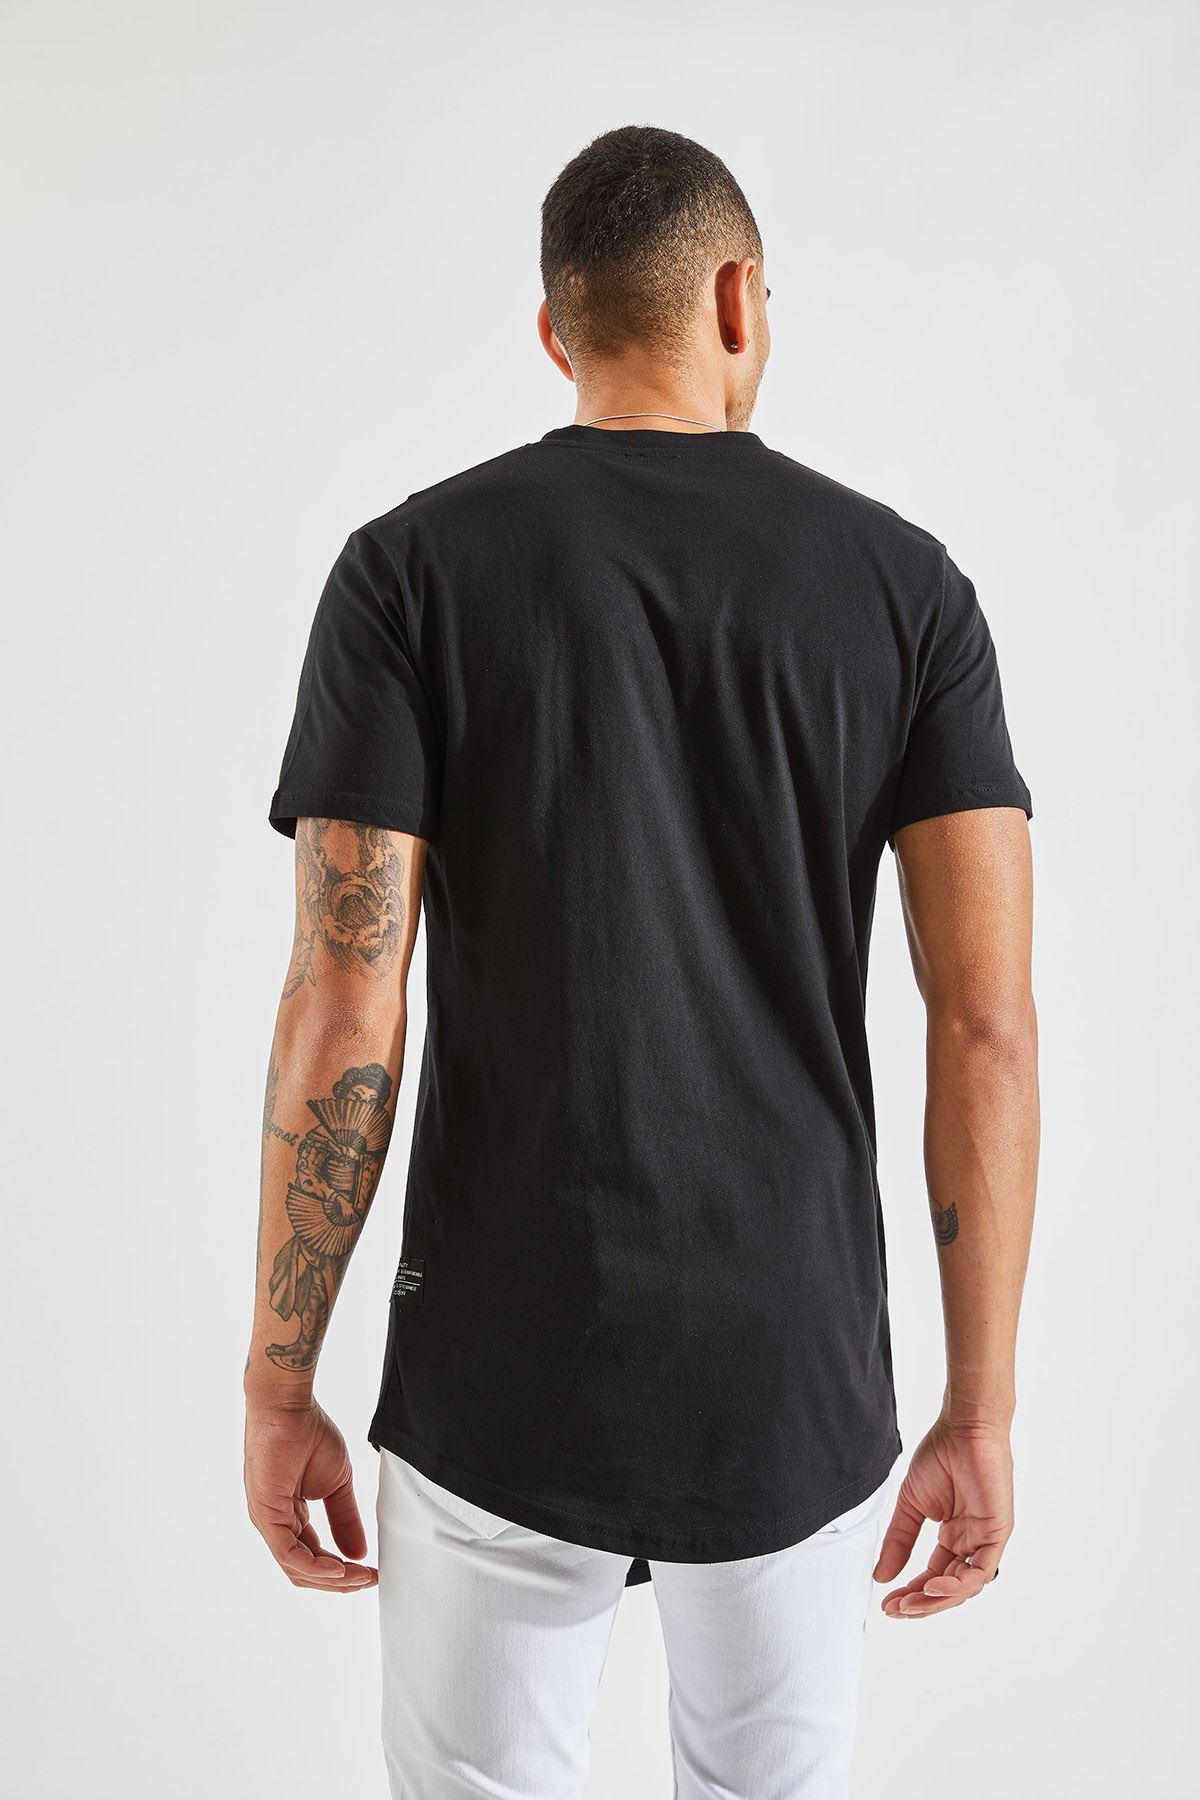 Erkek Önü Parçalı Asimetrik Kesim Siyah Tişört